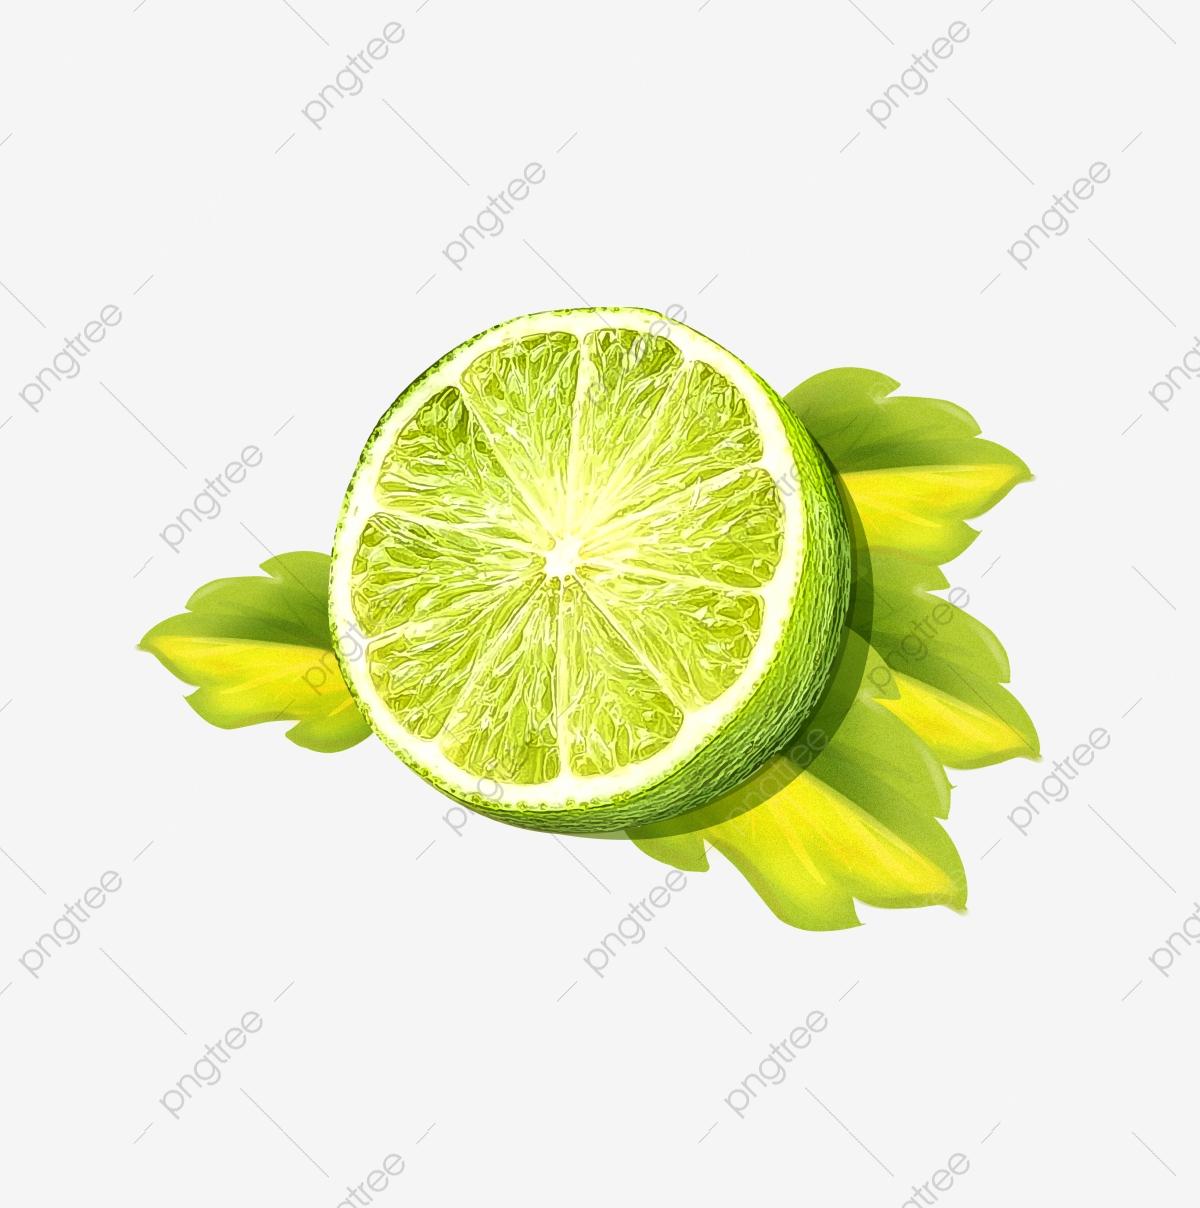 Lemon, Lemon Clipart, Fruit PNG Transparent Clipart Image and PSD.